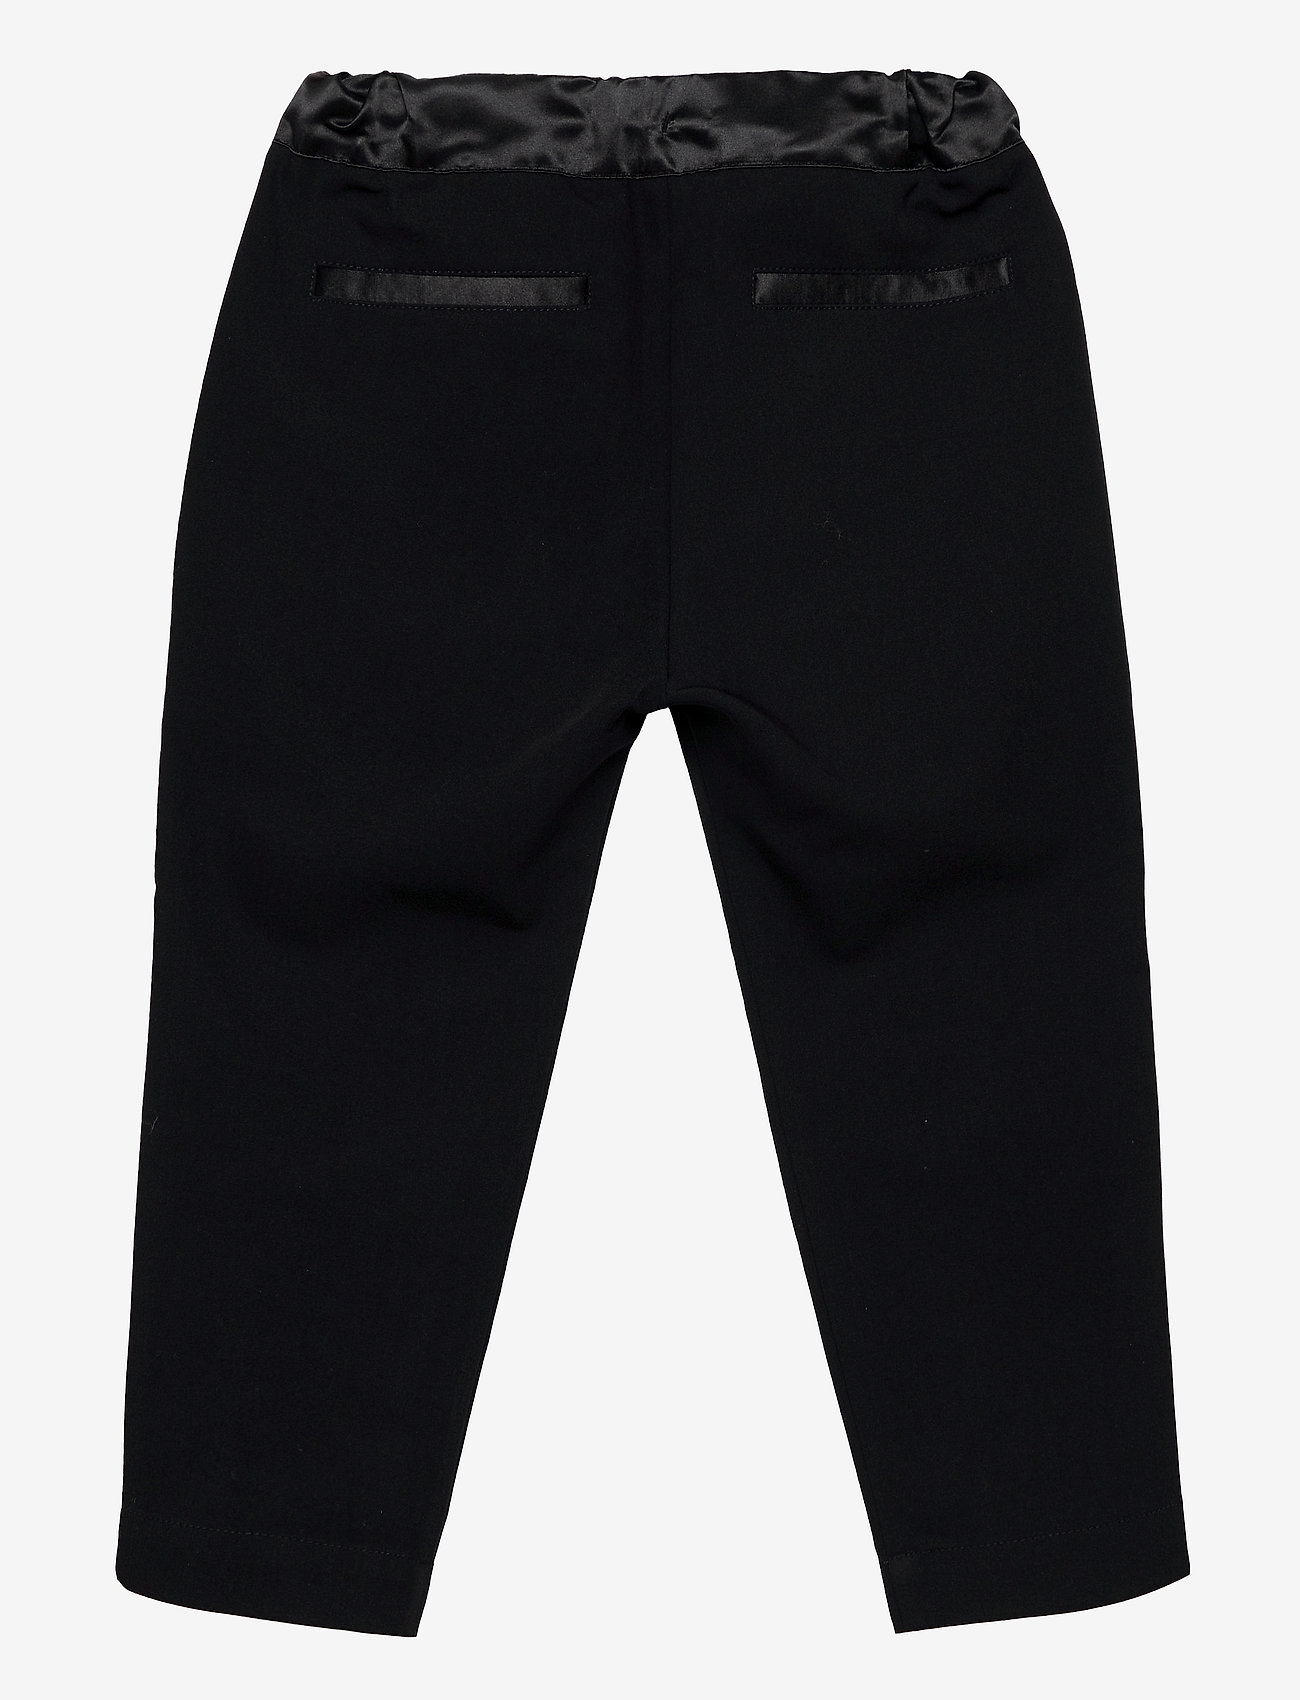 Diesel - PRUSTI TROUSERS - trousers - nero - 1